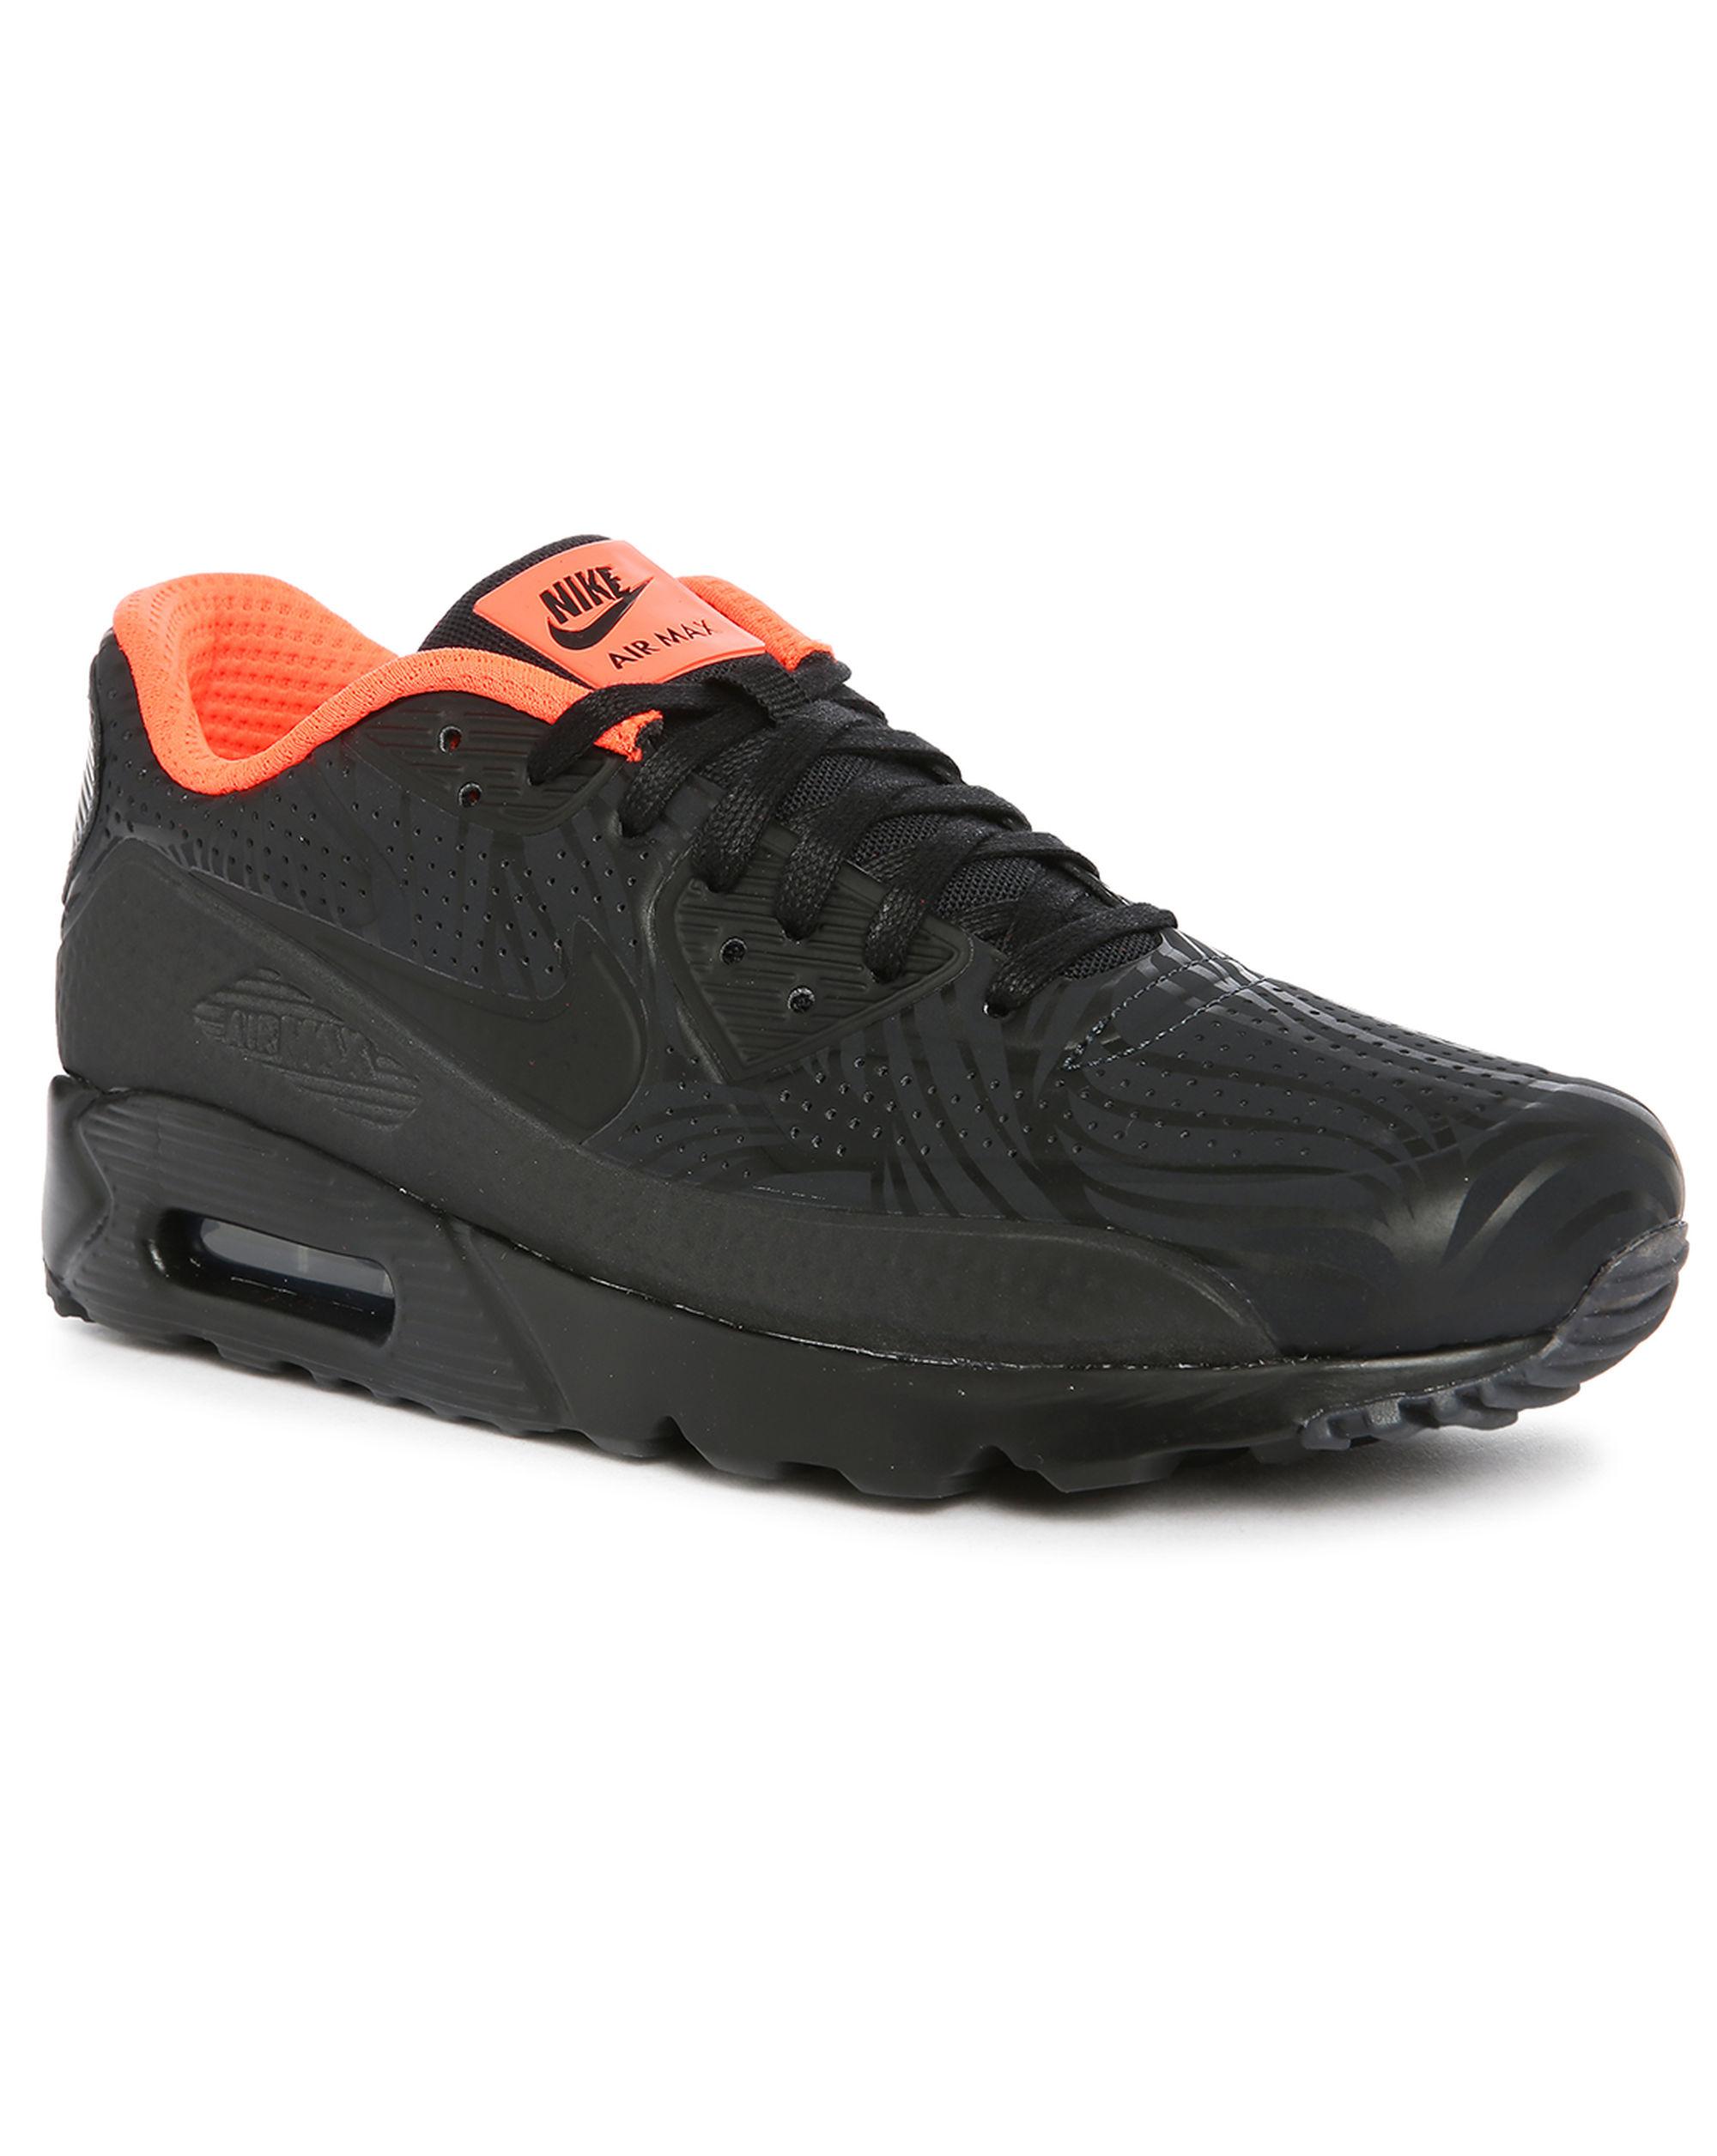 Nike Air Max 90 Ultra Moire Black/Black